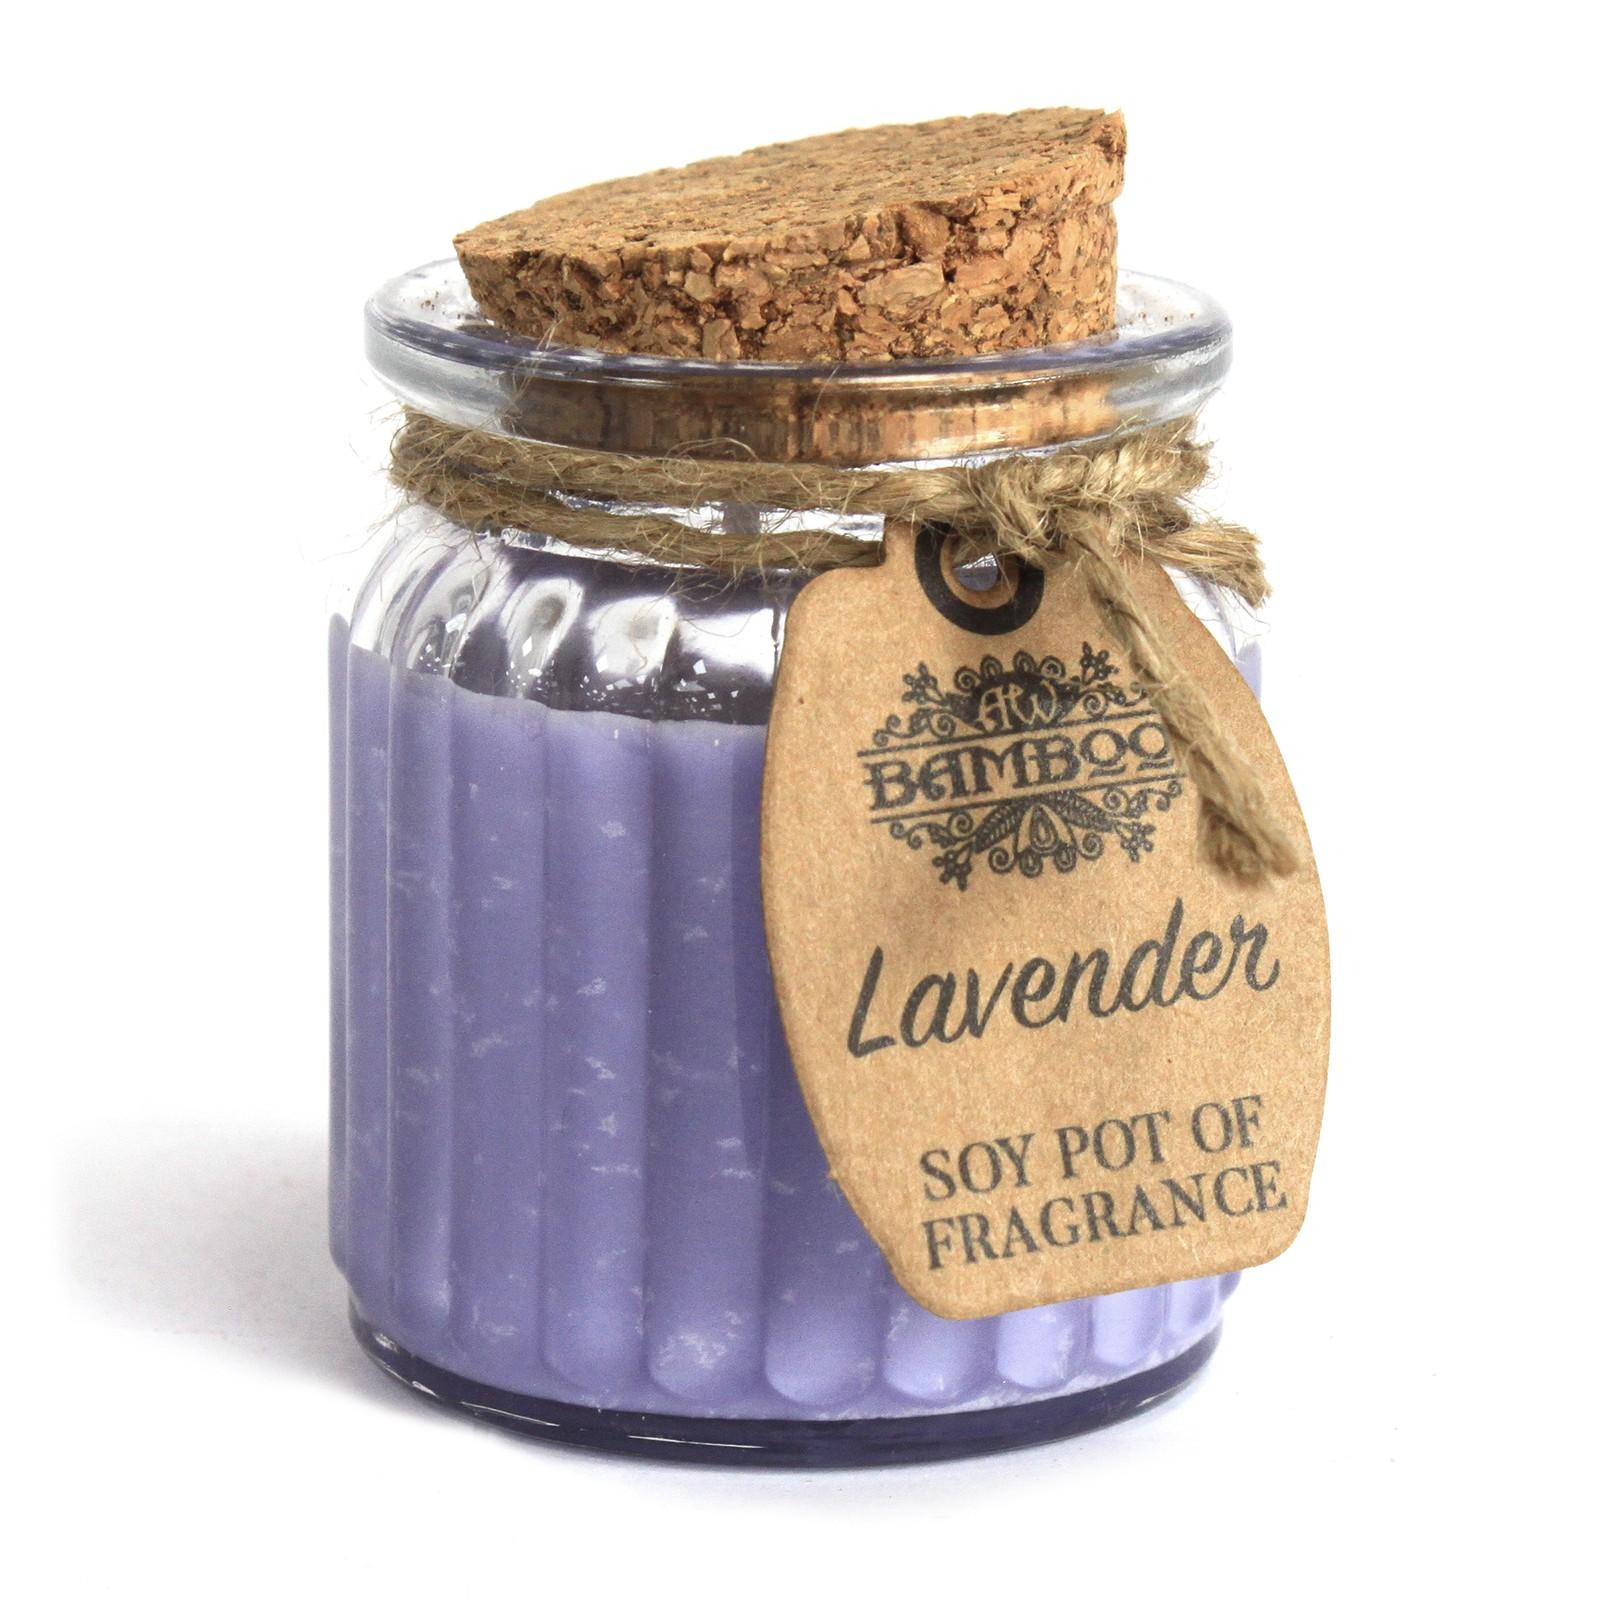 Lavender Soy Pot of Fragrance Candles